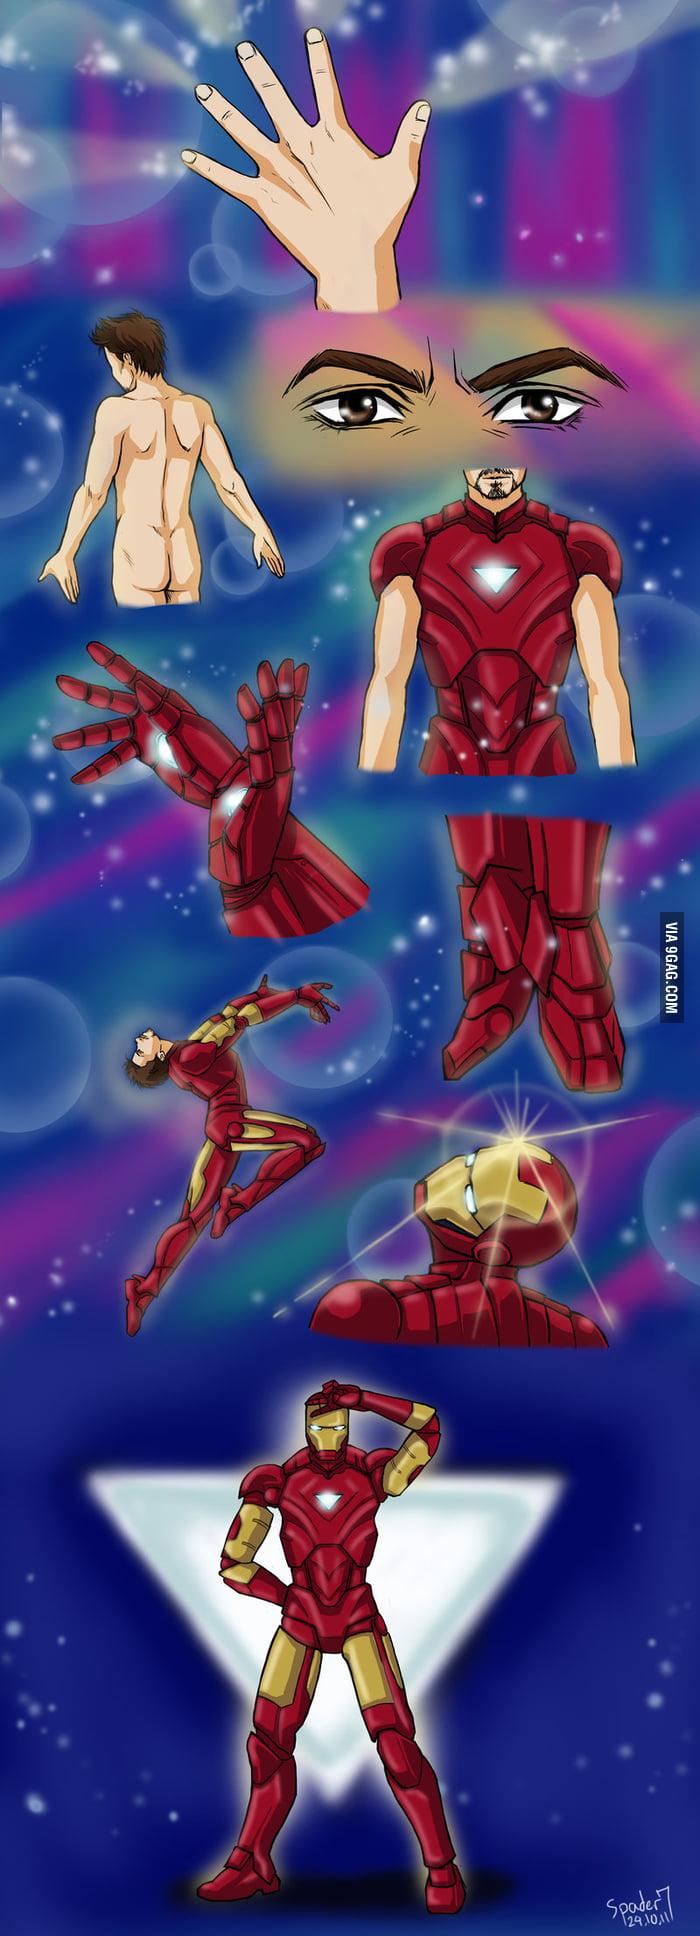 Iron Sailor Moon Man